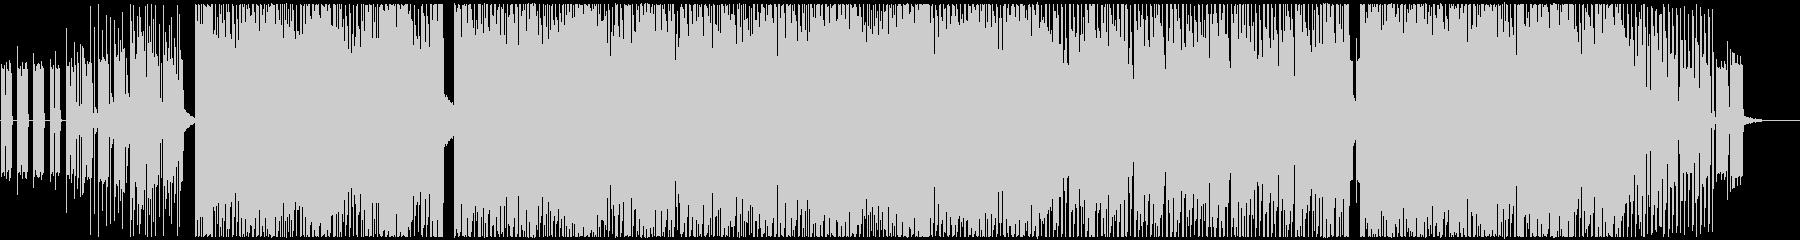 サイケデリックなトランス・レイヴの未再生の波形